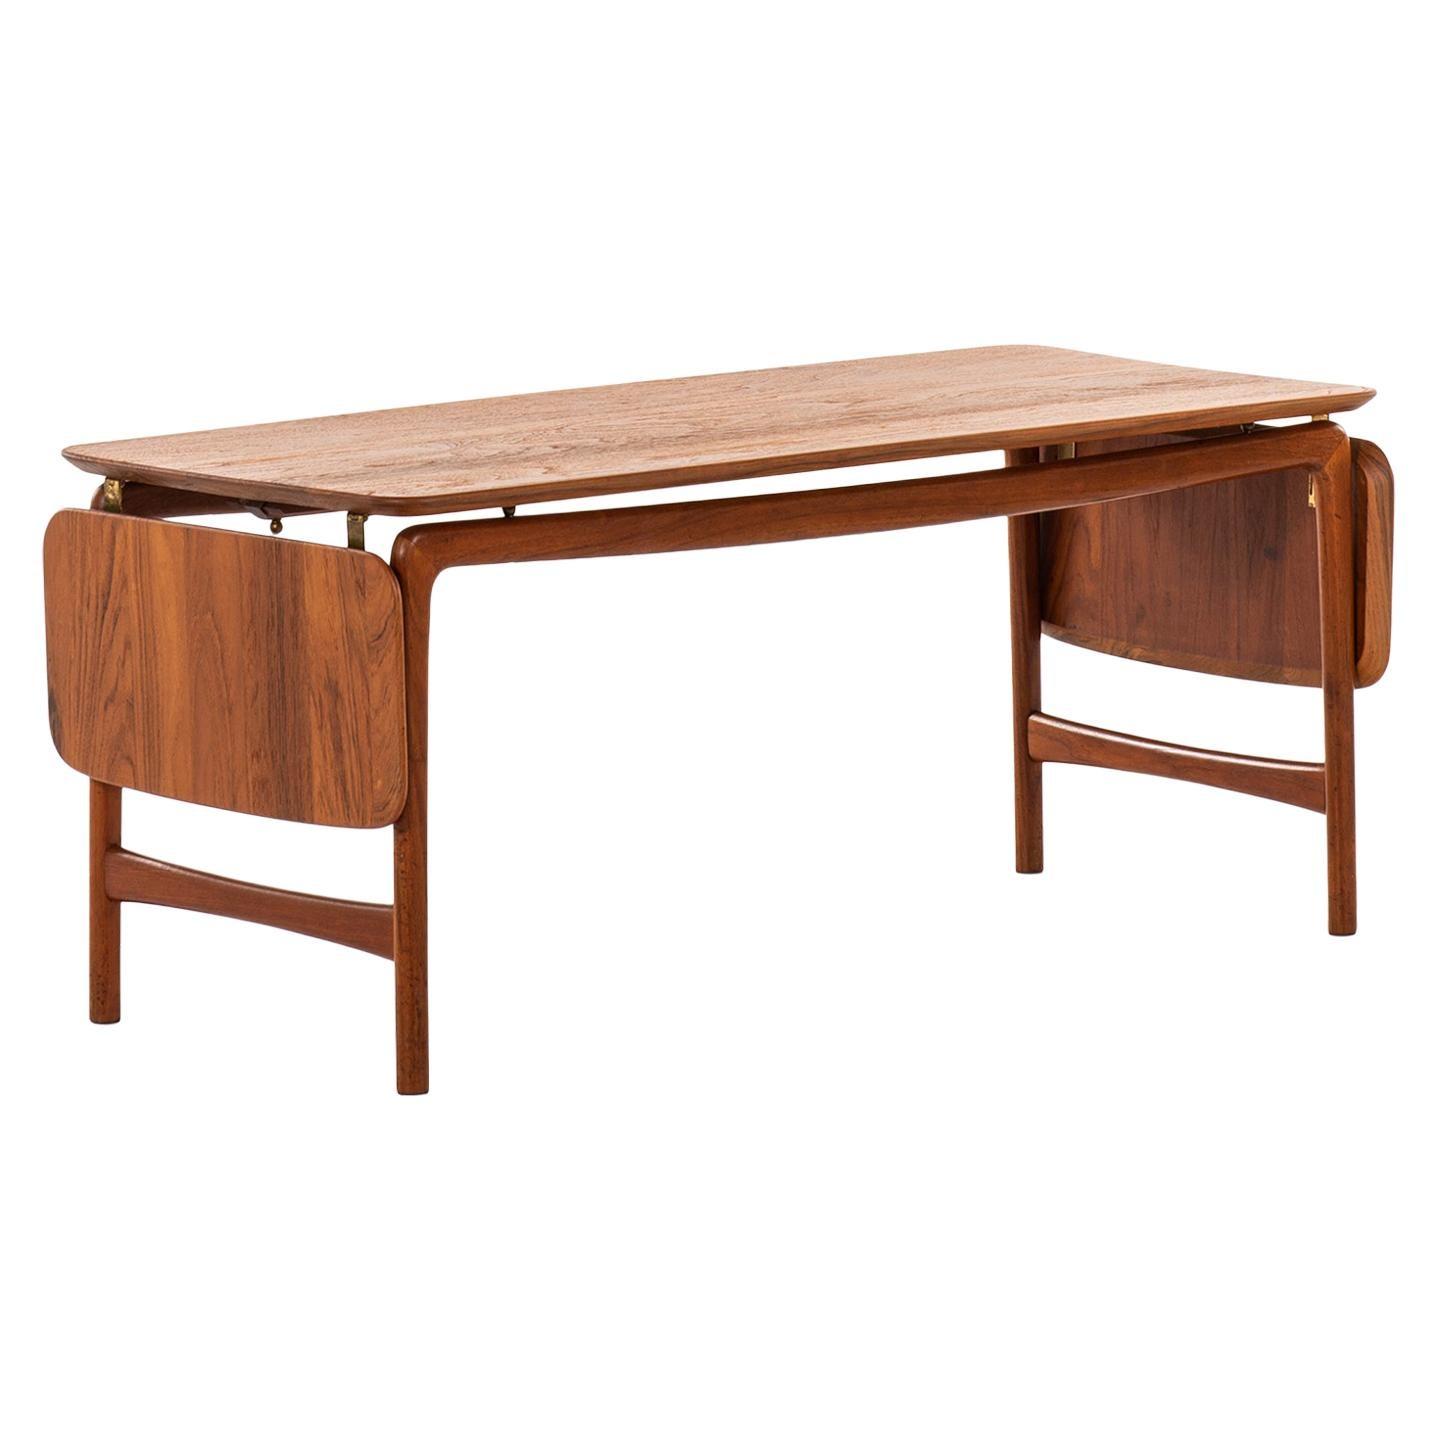 Peter Hvidt & Orla Mølgaard-Nielsen Coffee Table Model FD 15/54 in Teak